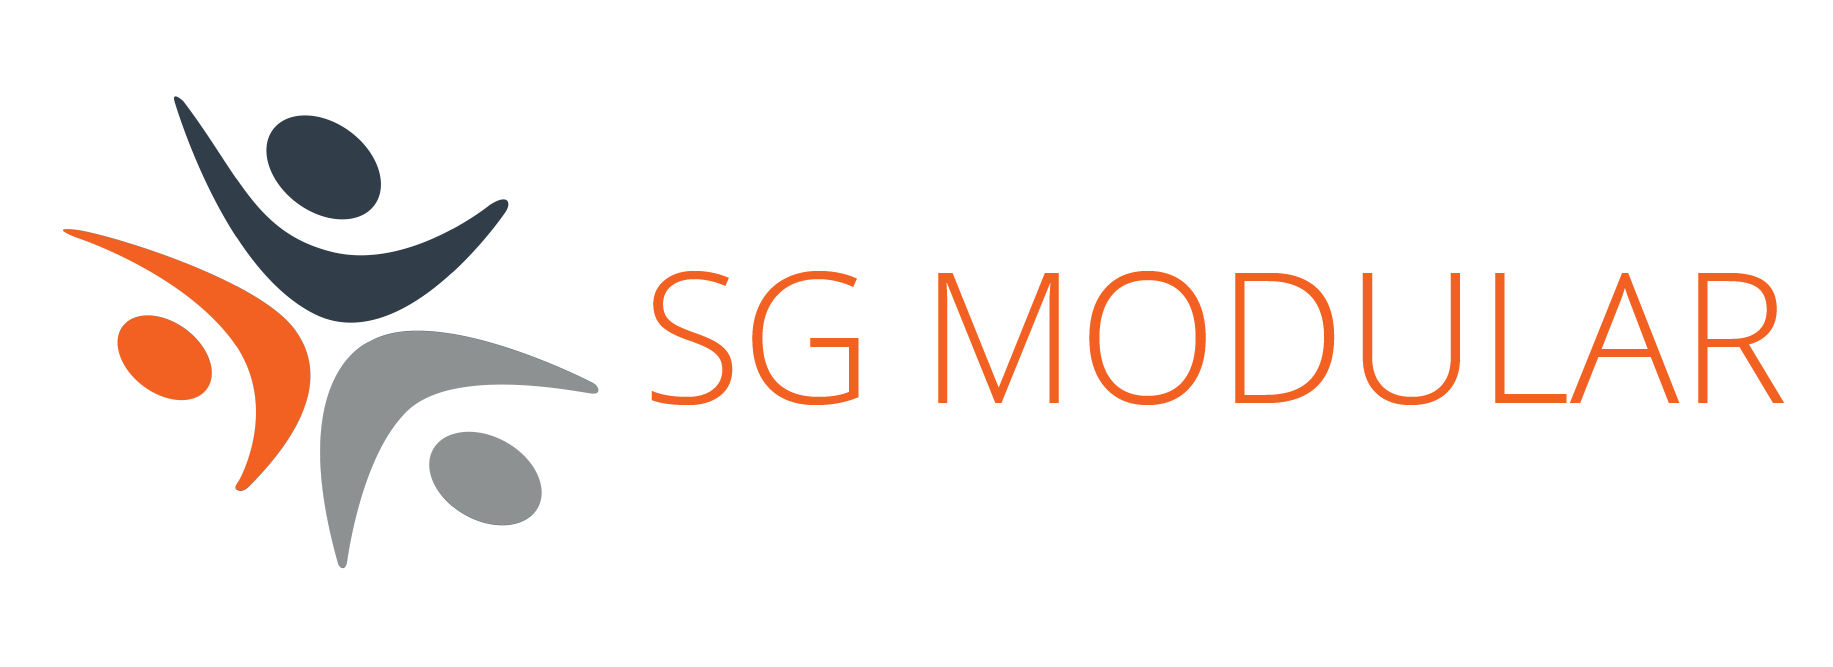 SG Modular Logo - Concept.png